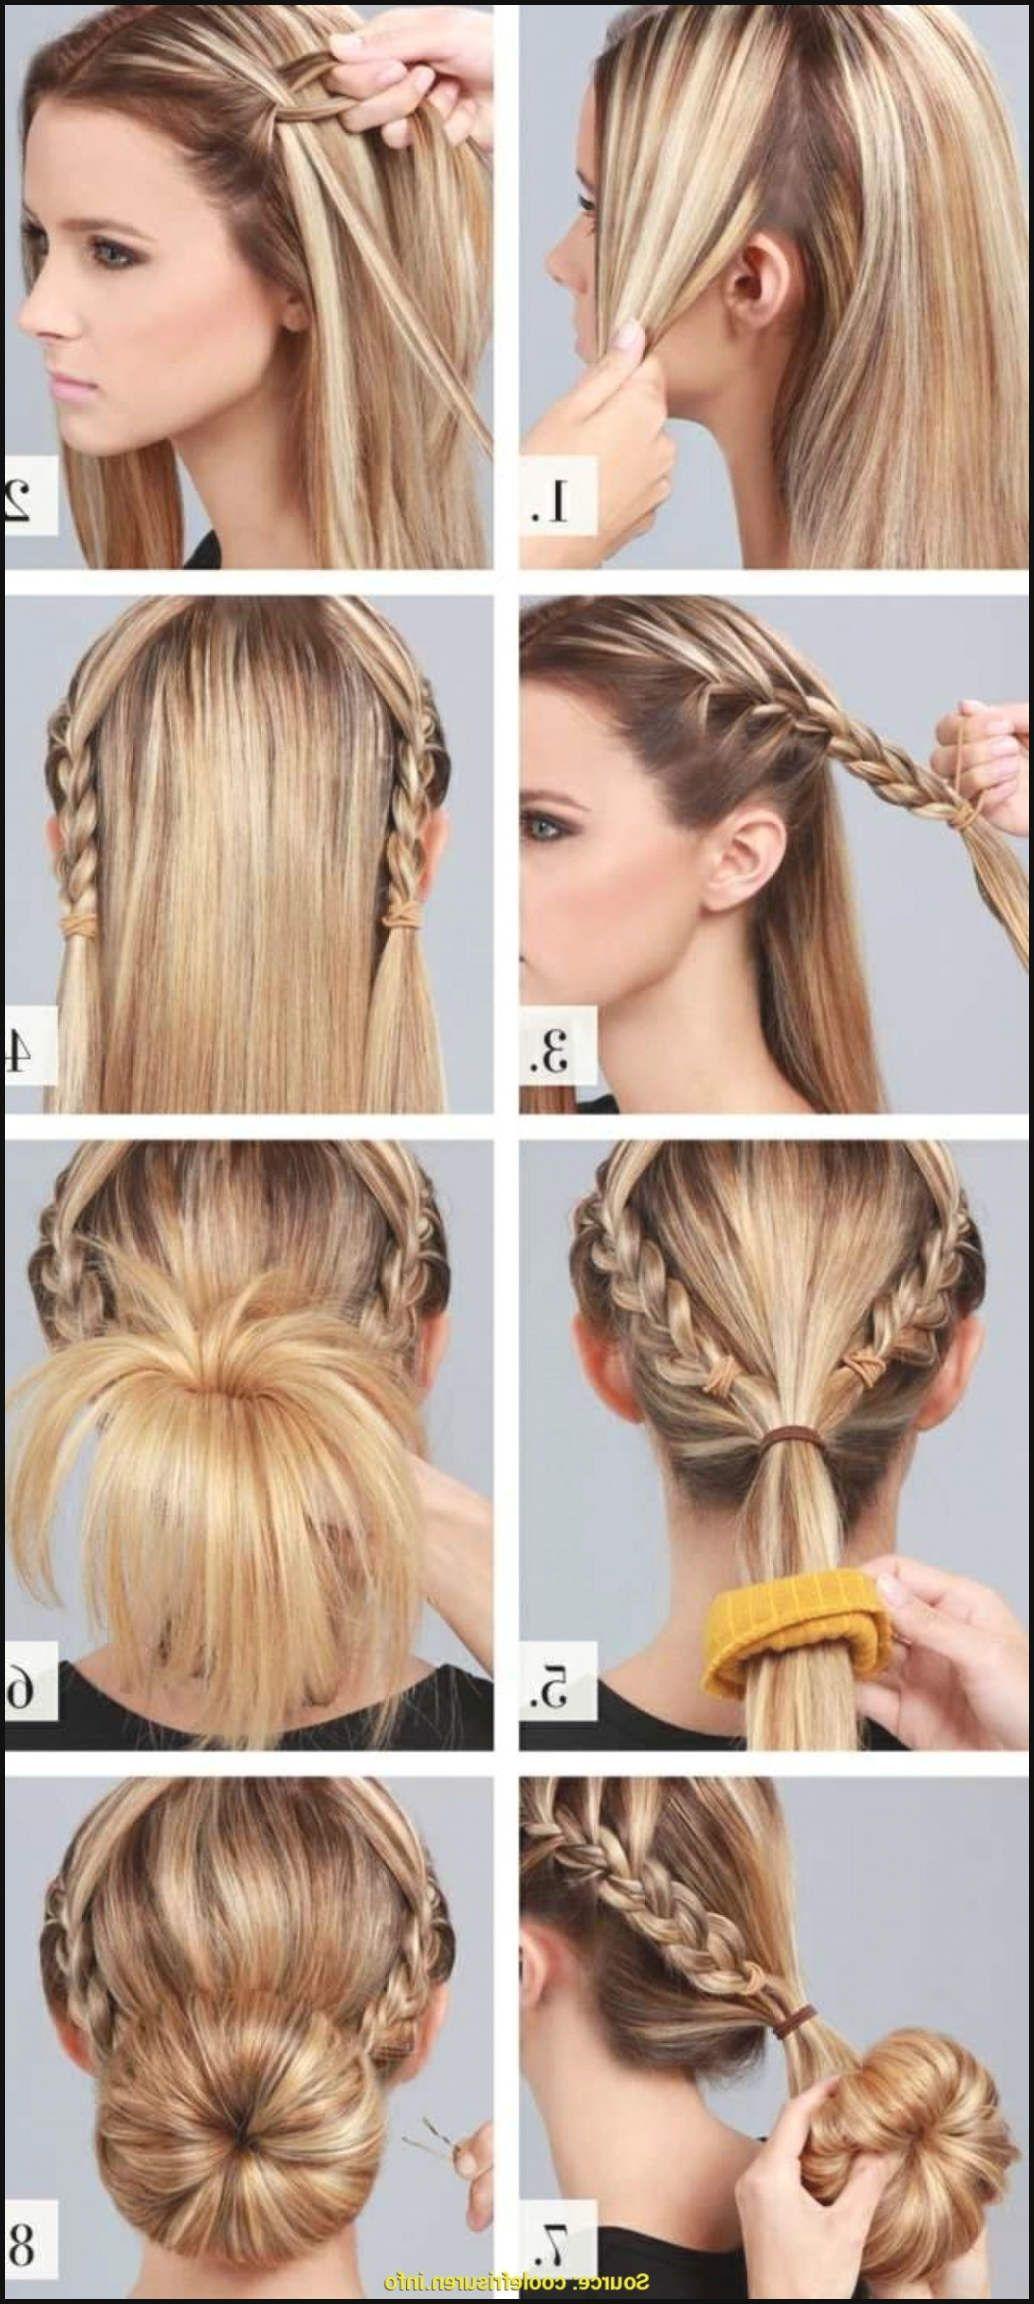 Beste Inspirationen Von Leichte Frisuren Zum Nachmachen Mit Einfache Frisuren Hair Styles Long Hair Styles Hair Tutorial